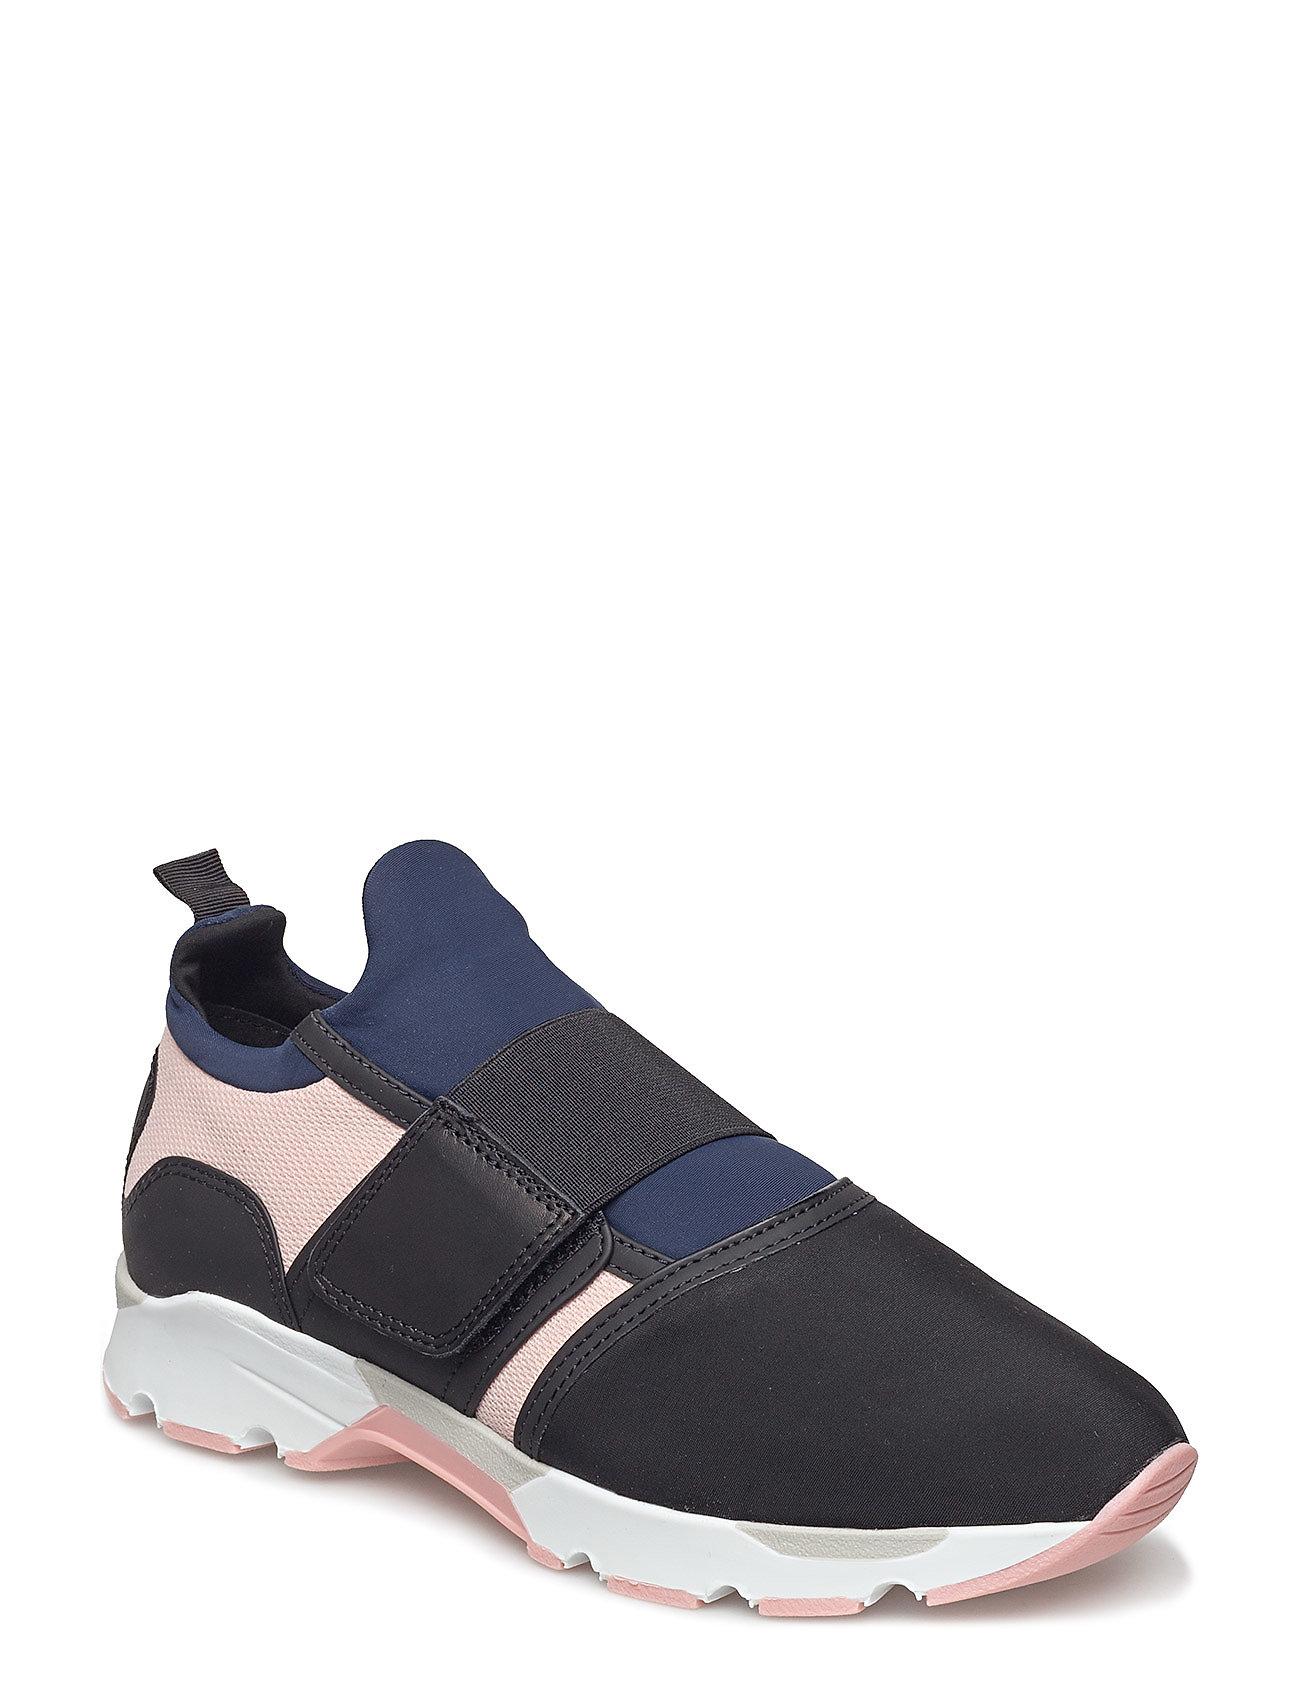 88d083dcffc Vela 10060 sneakers fra Samsøe & Samsøe til dame i ROSE MULTI ...